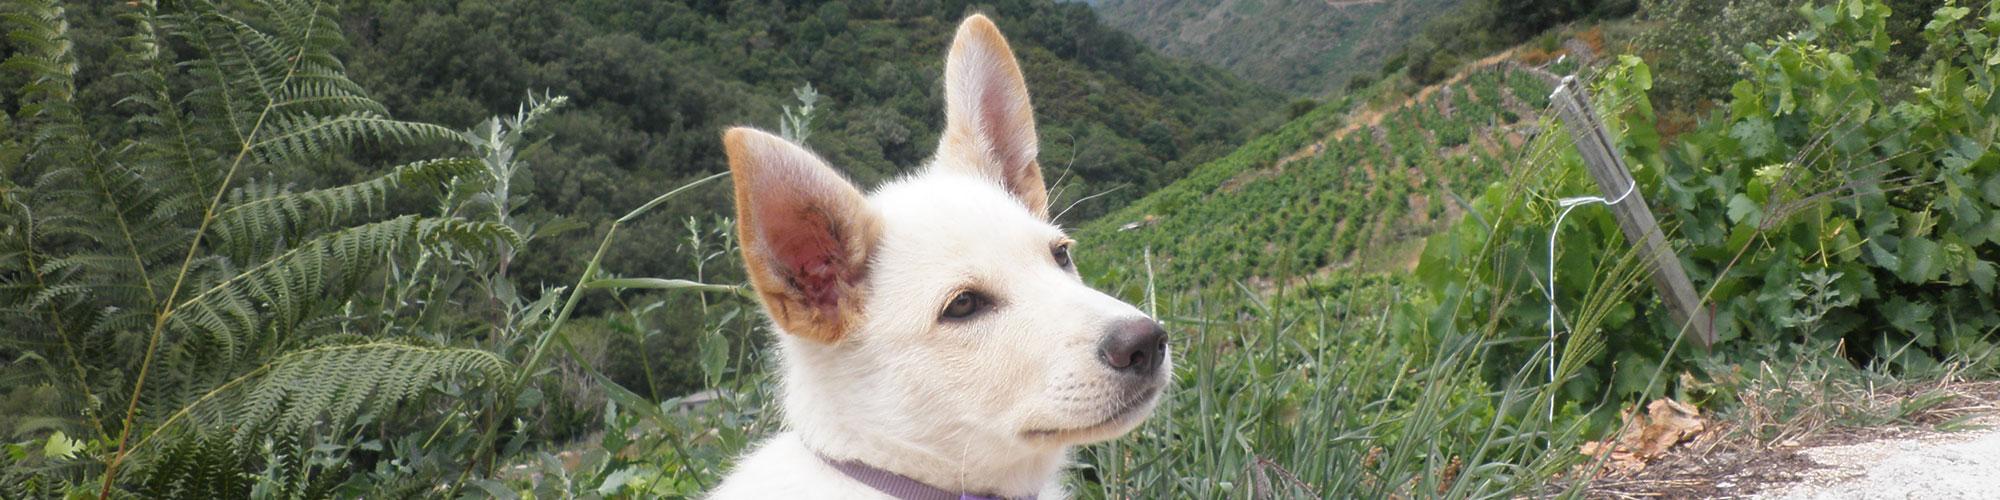 Características generales del Can de Palleiro